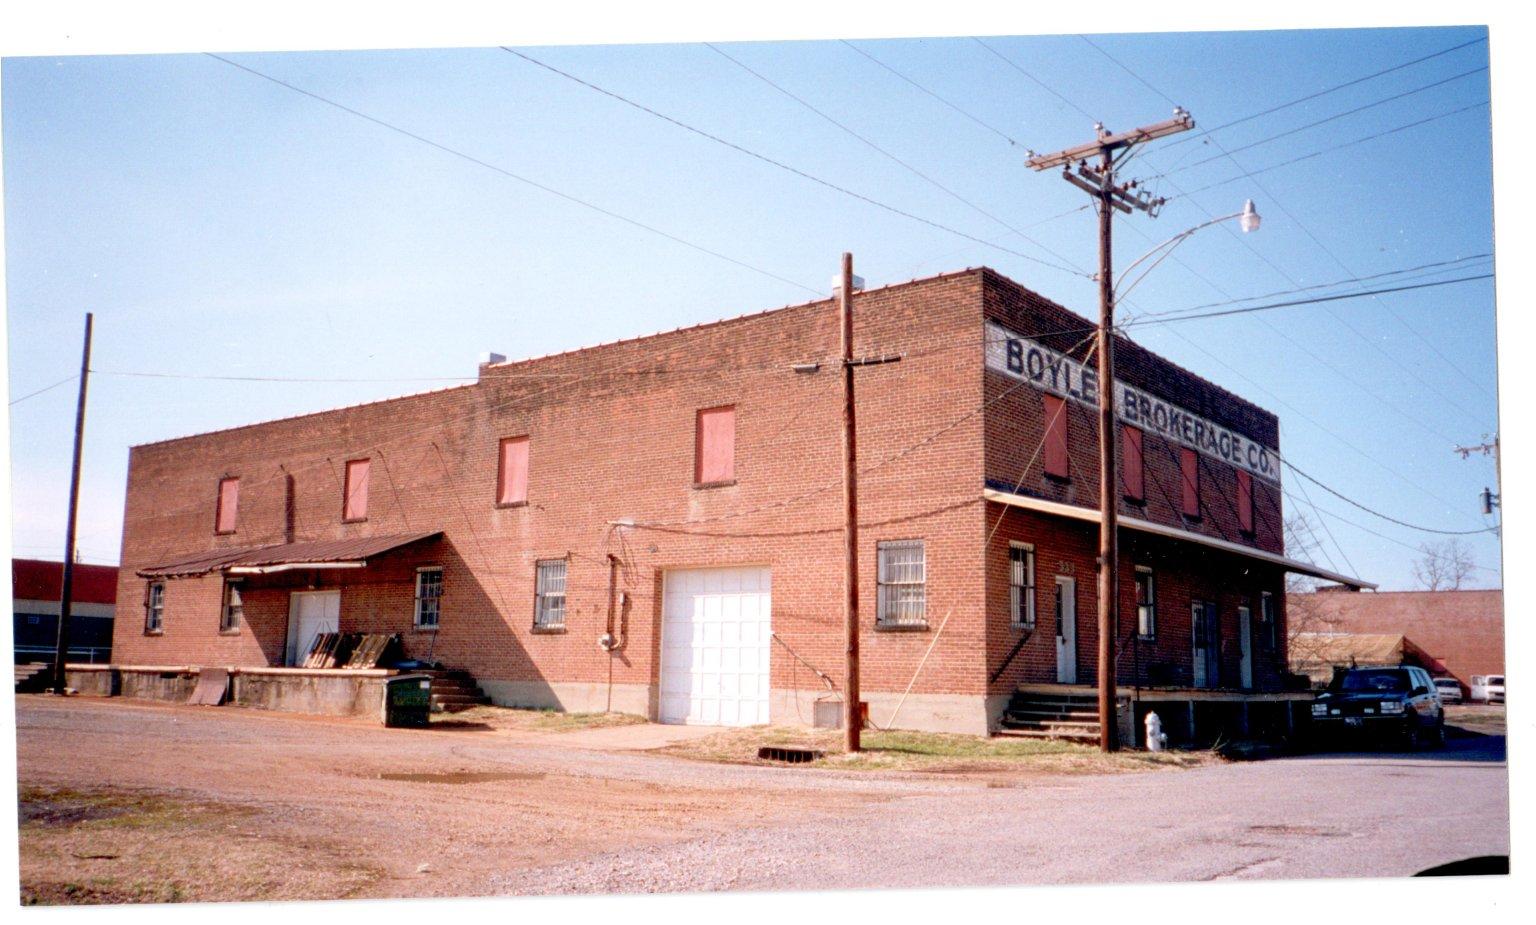 Boyle Brokerage Company